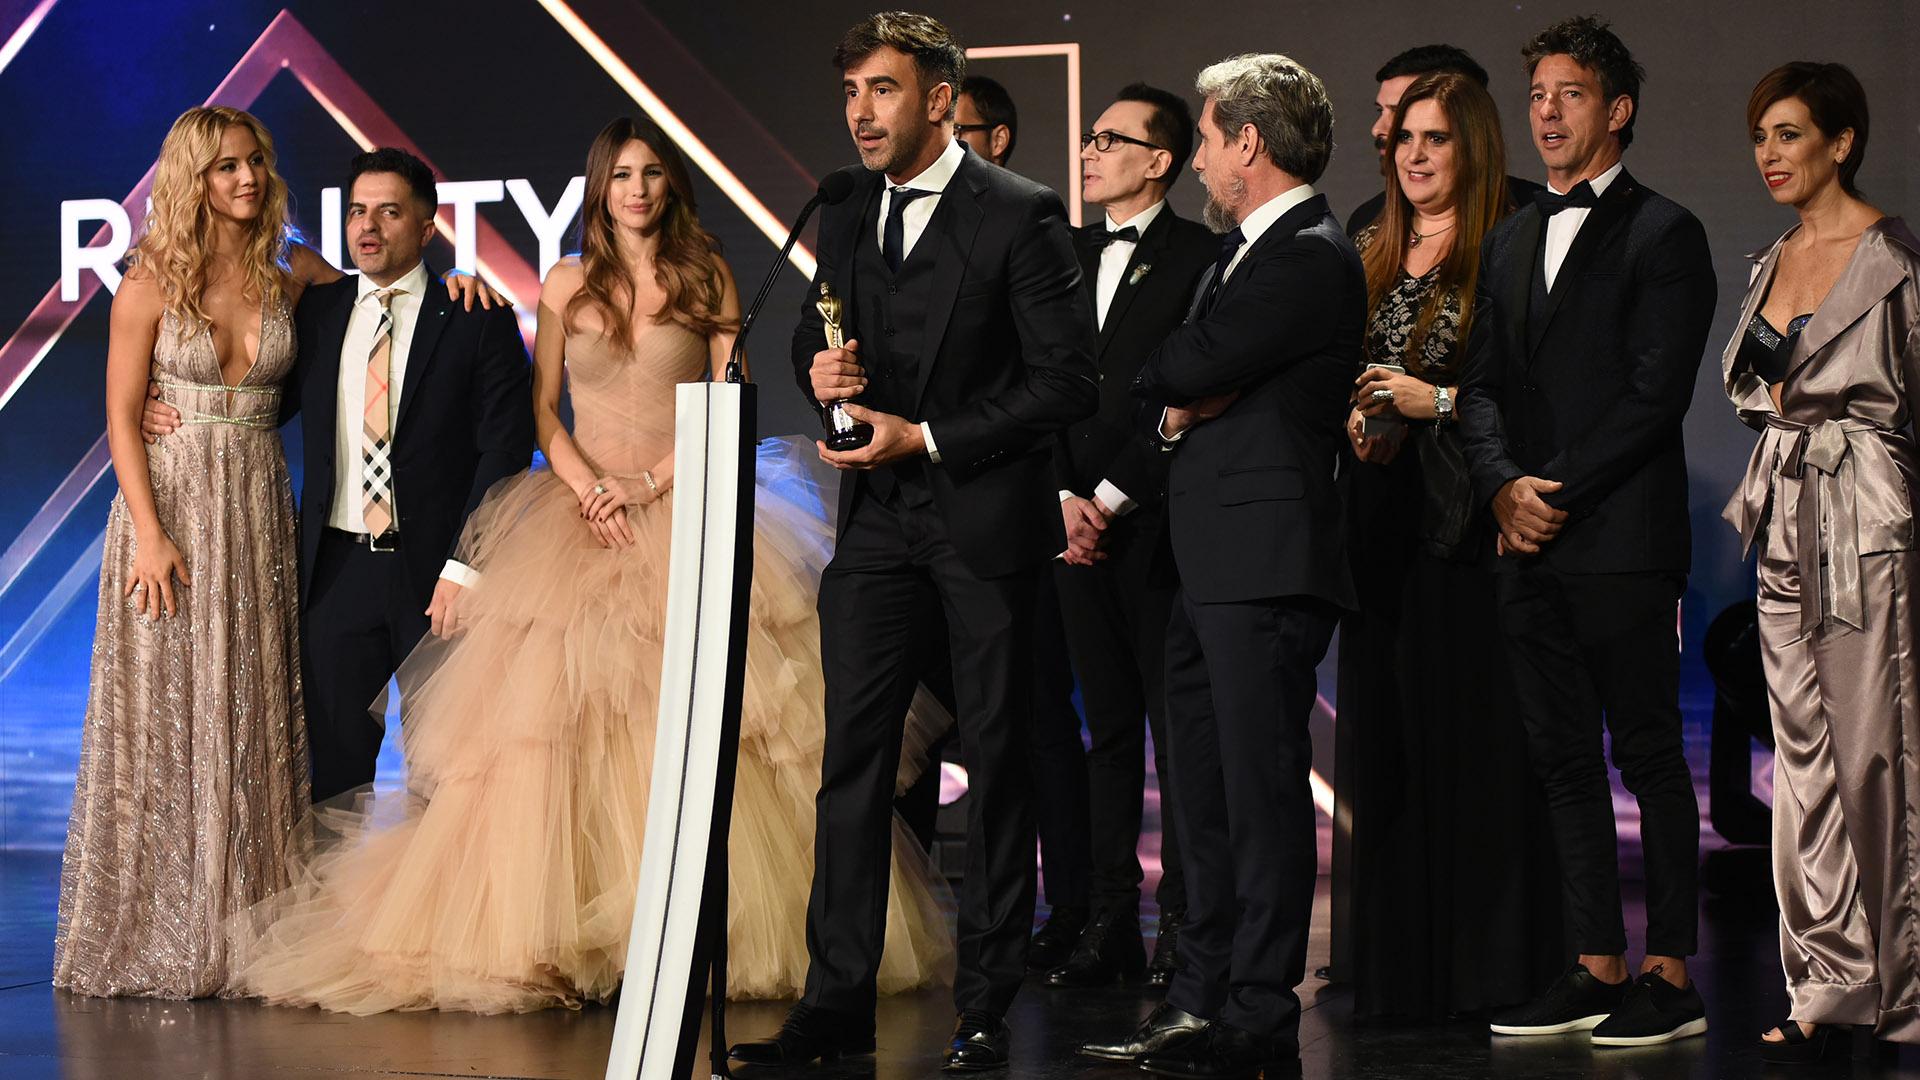 Sin Marcelo Tinelli, que estaba en Mar del Plata, Federico Hoppe, junto al team de Showmatch-Bailando, agradeció el premio como Mejor Reality